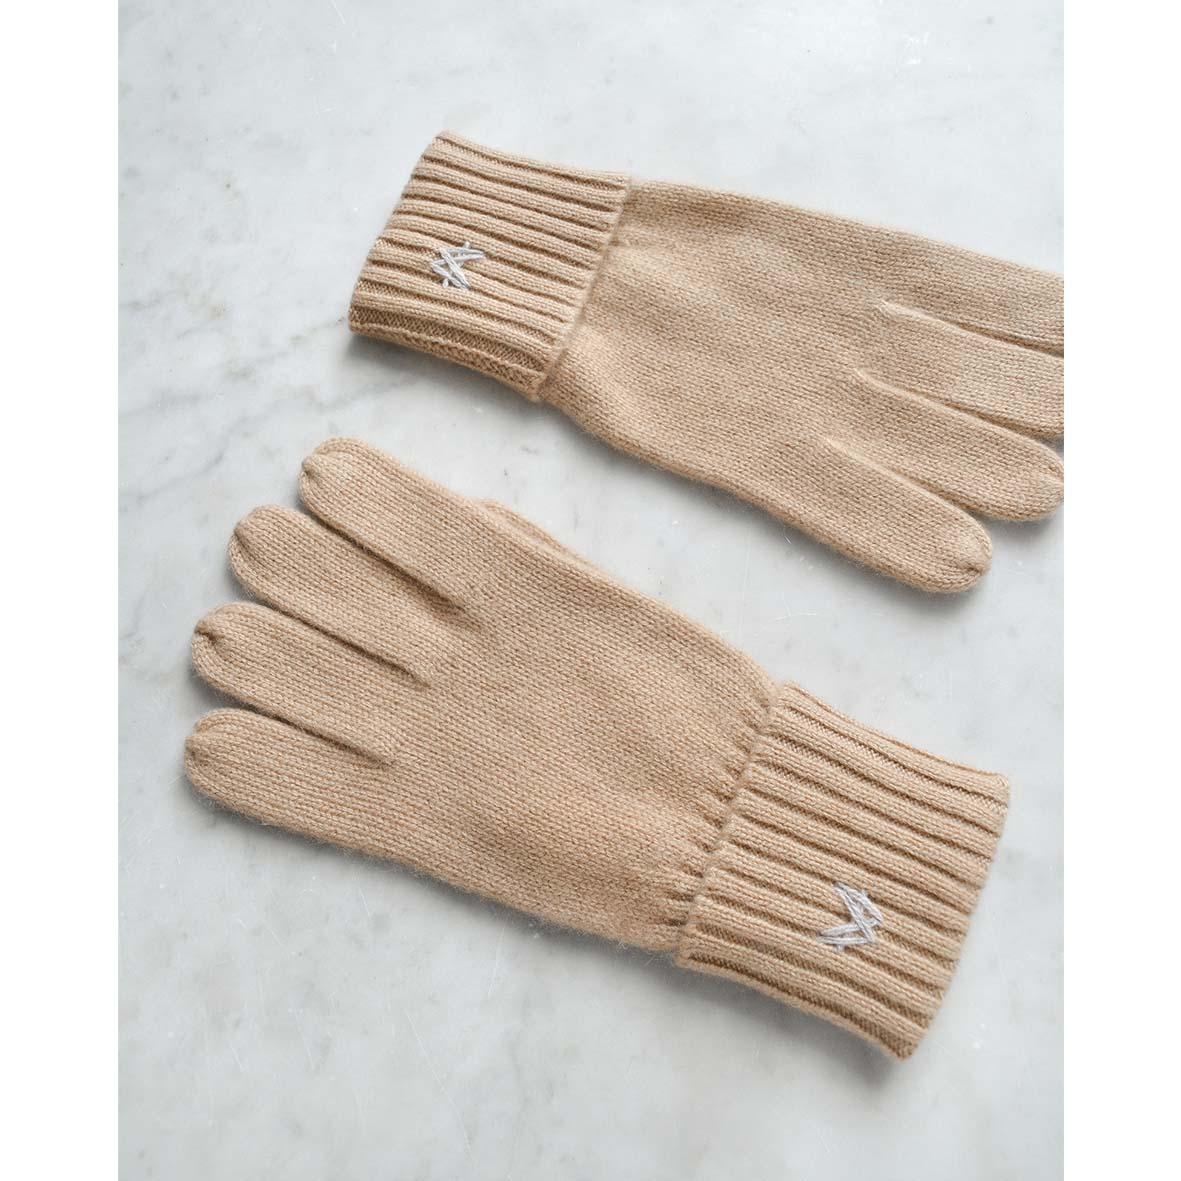 Cashmere handsker til kvinder og mænd i flotte farver. 100% premium handsker fra Wuth Copenhagen.